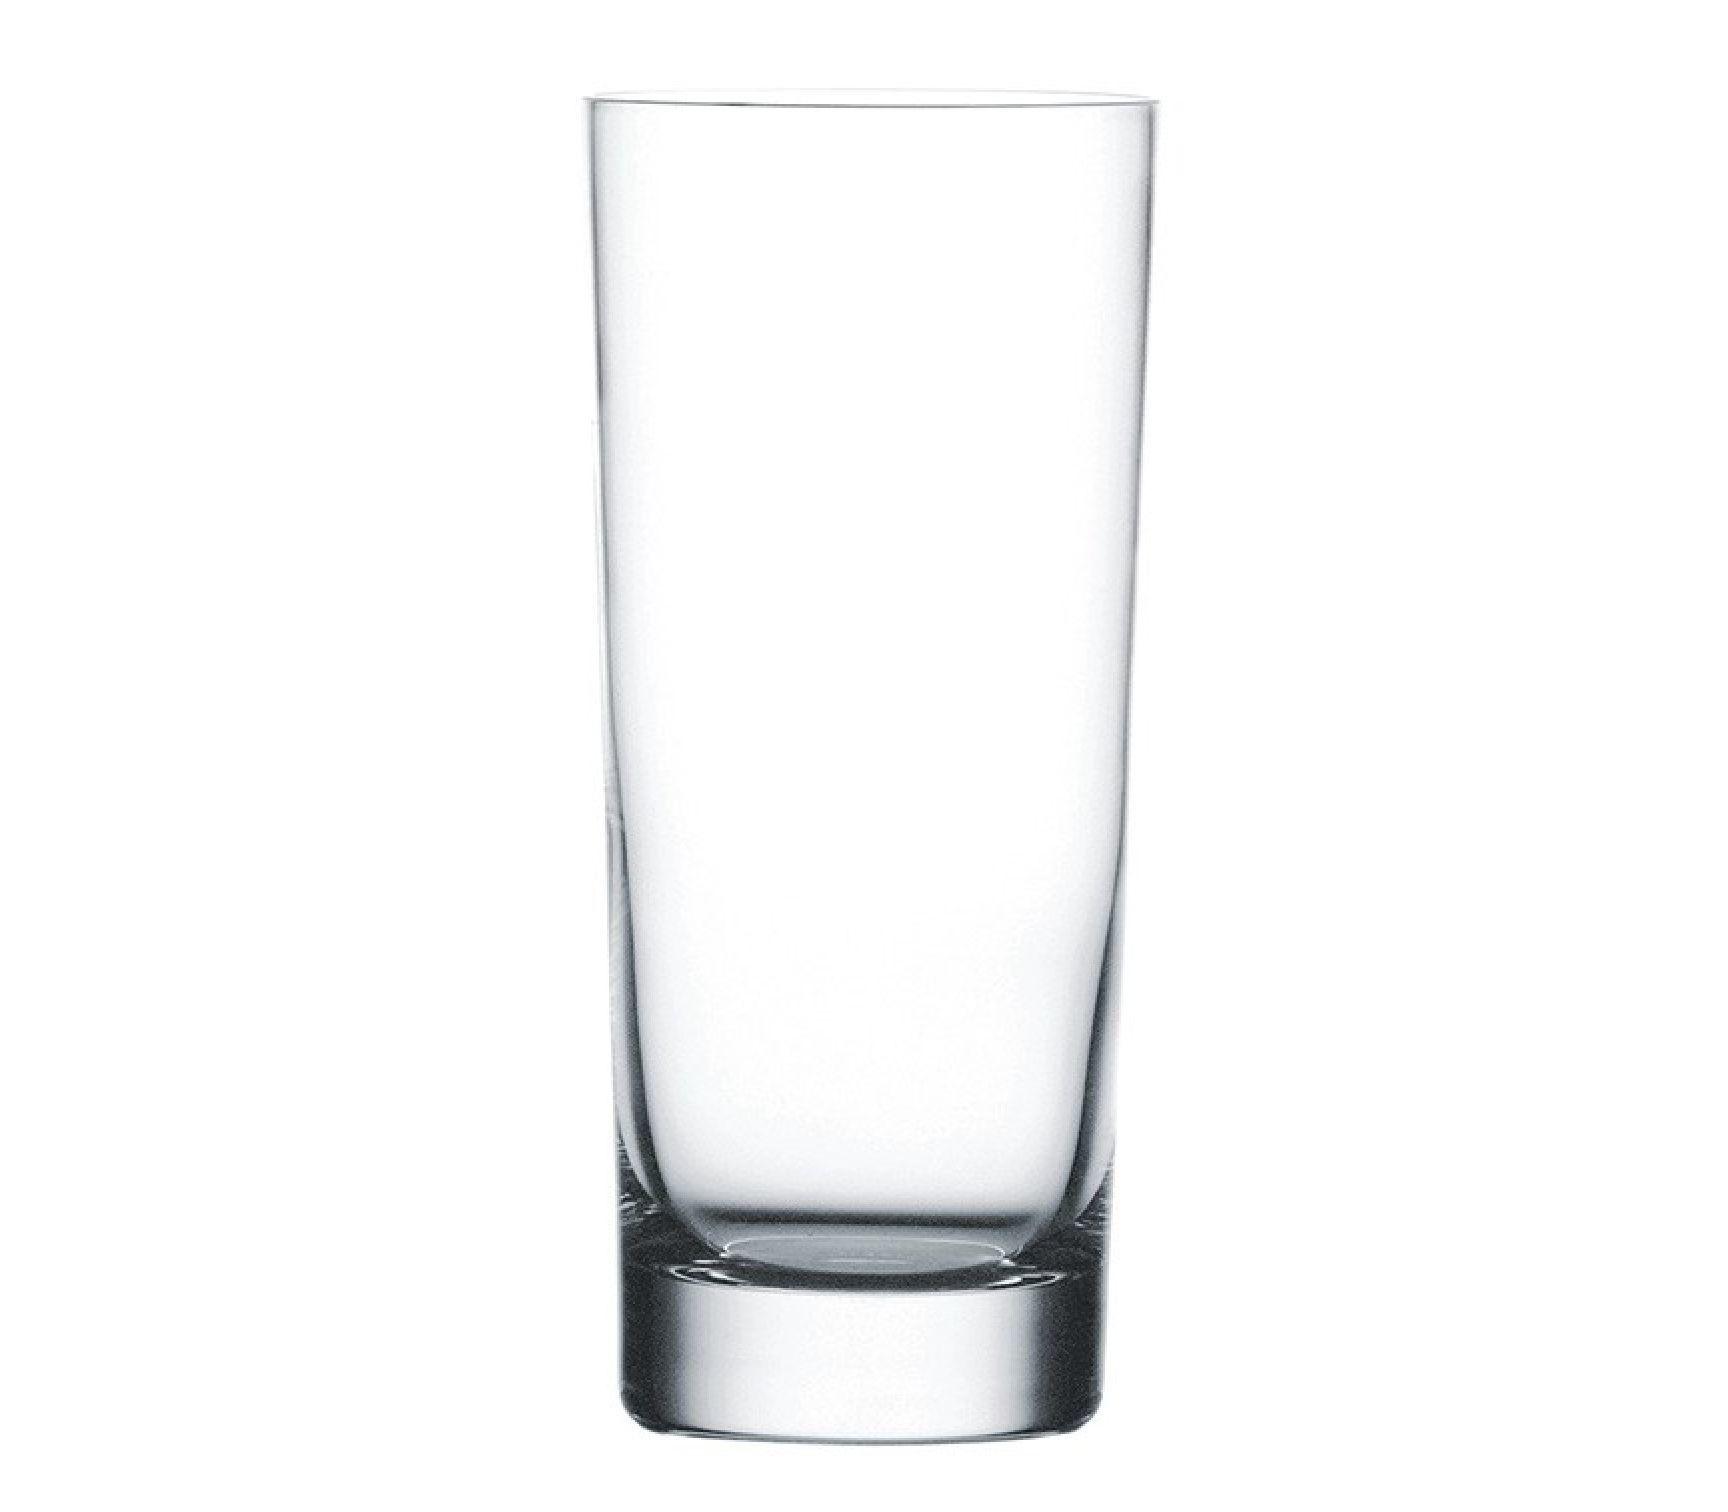 Стакан для воды и соков из хрусталя Classic, 360 мл стопка для водки из хрусталя classic 55 мл